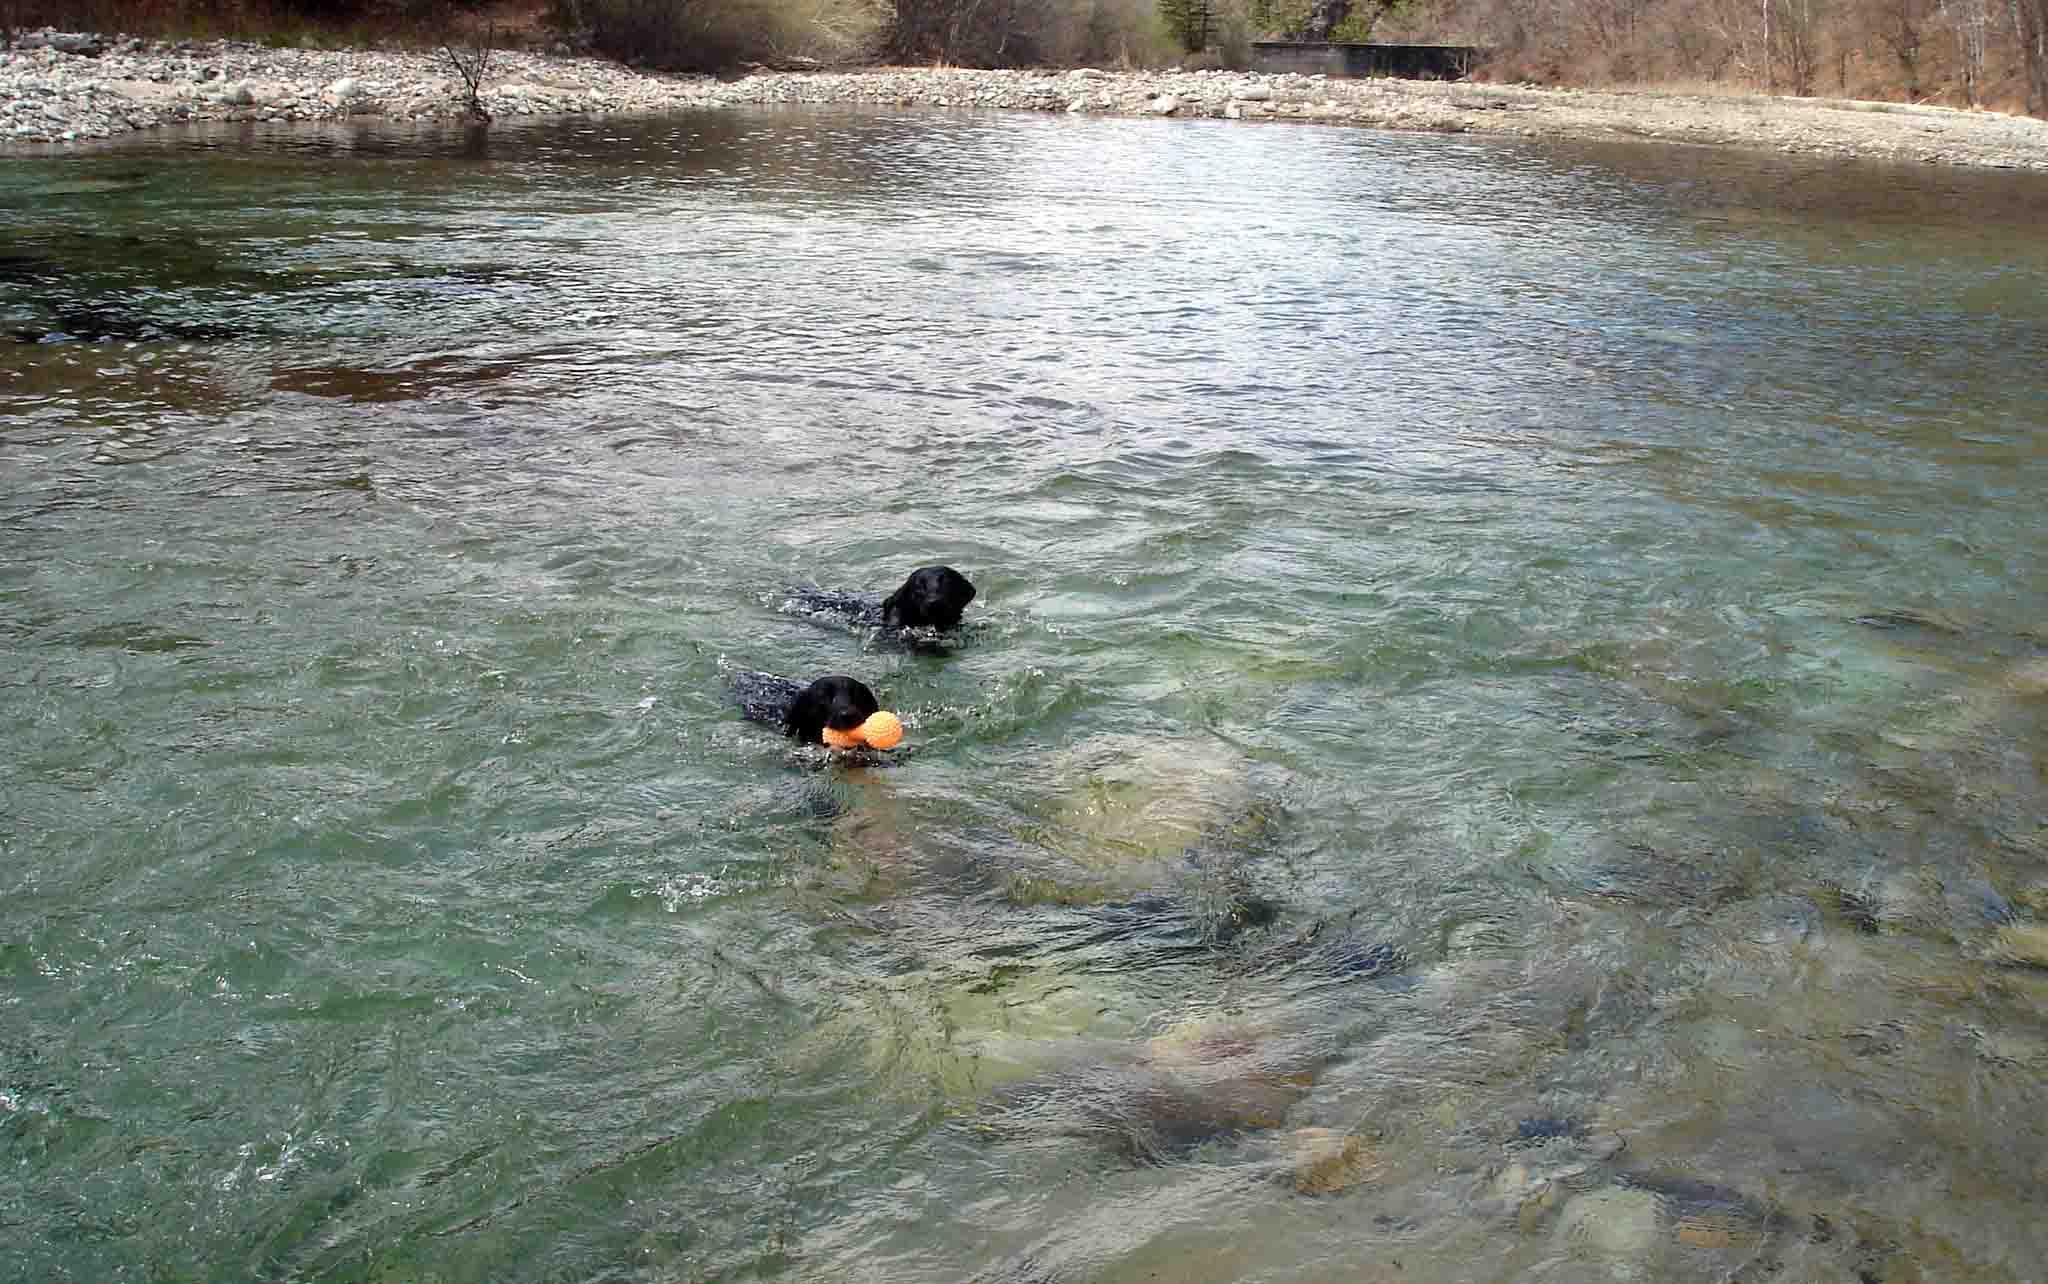 泳ぐ黒ラブ2